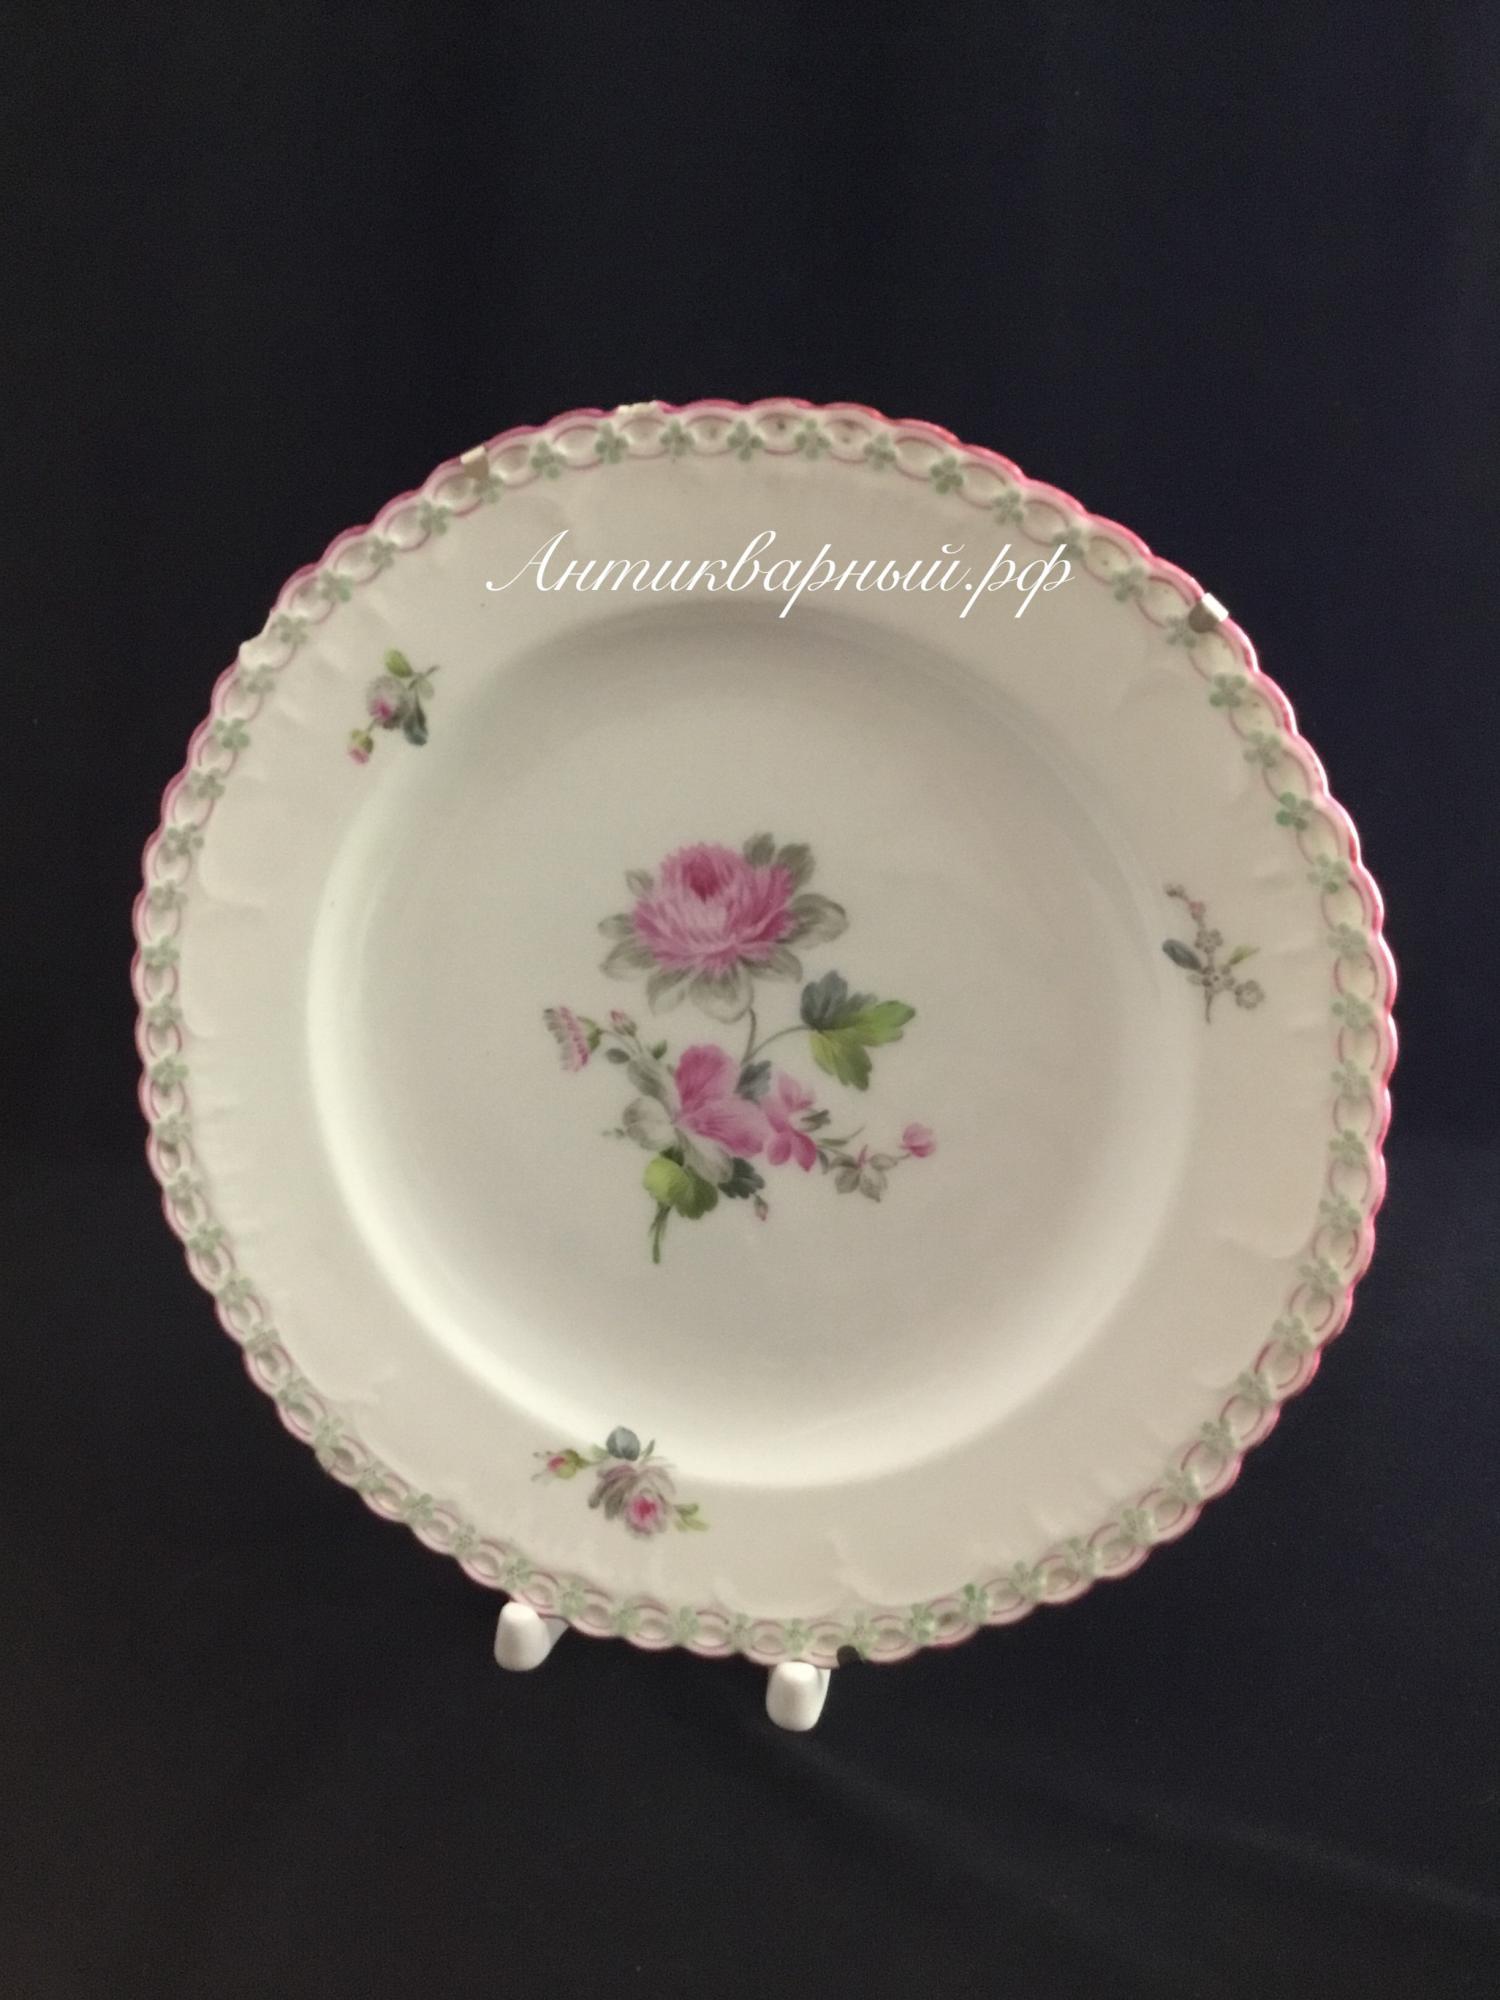 Настенная фарфоровая тарелка с росписью.KPM